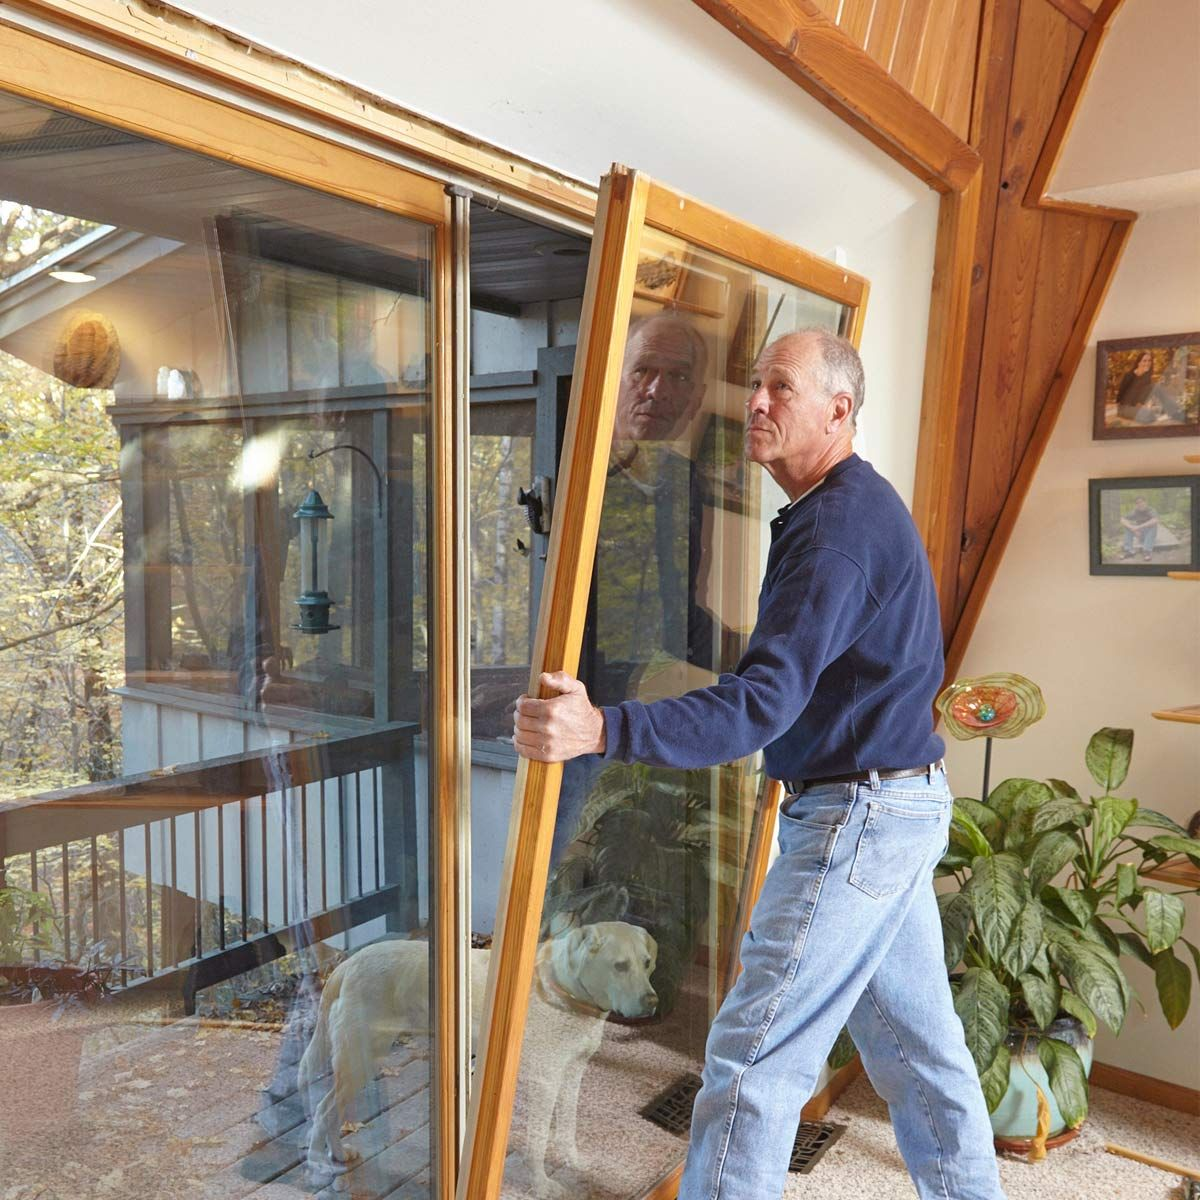 Drafty Patio Door Weatherstripping Stops Drafts Cold Door